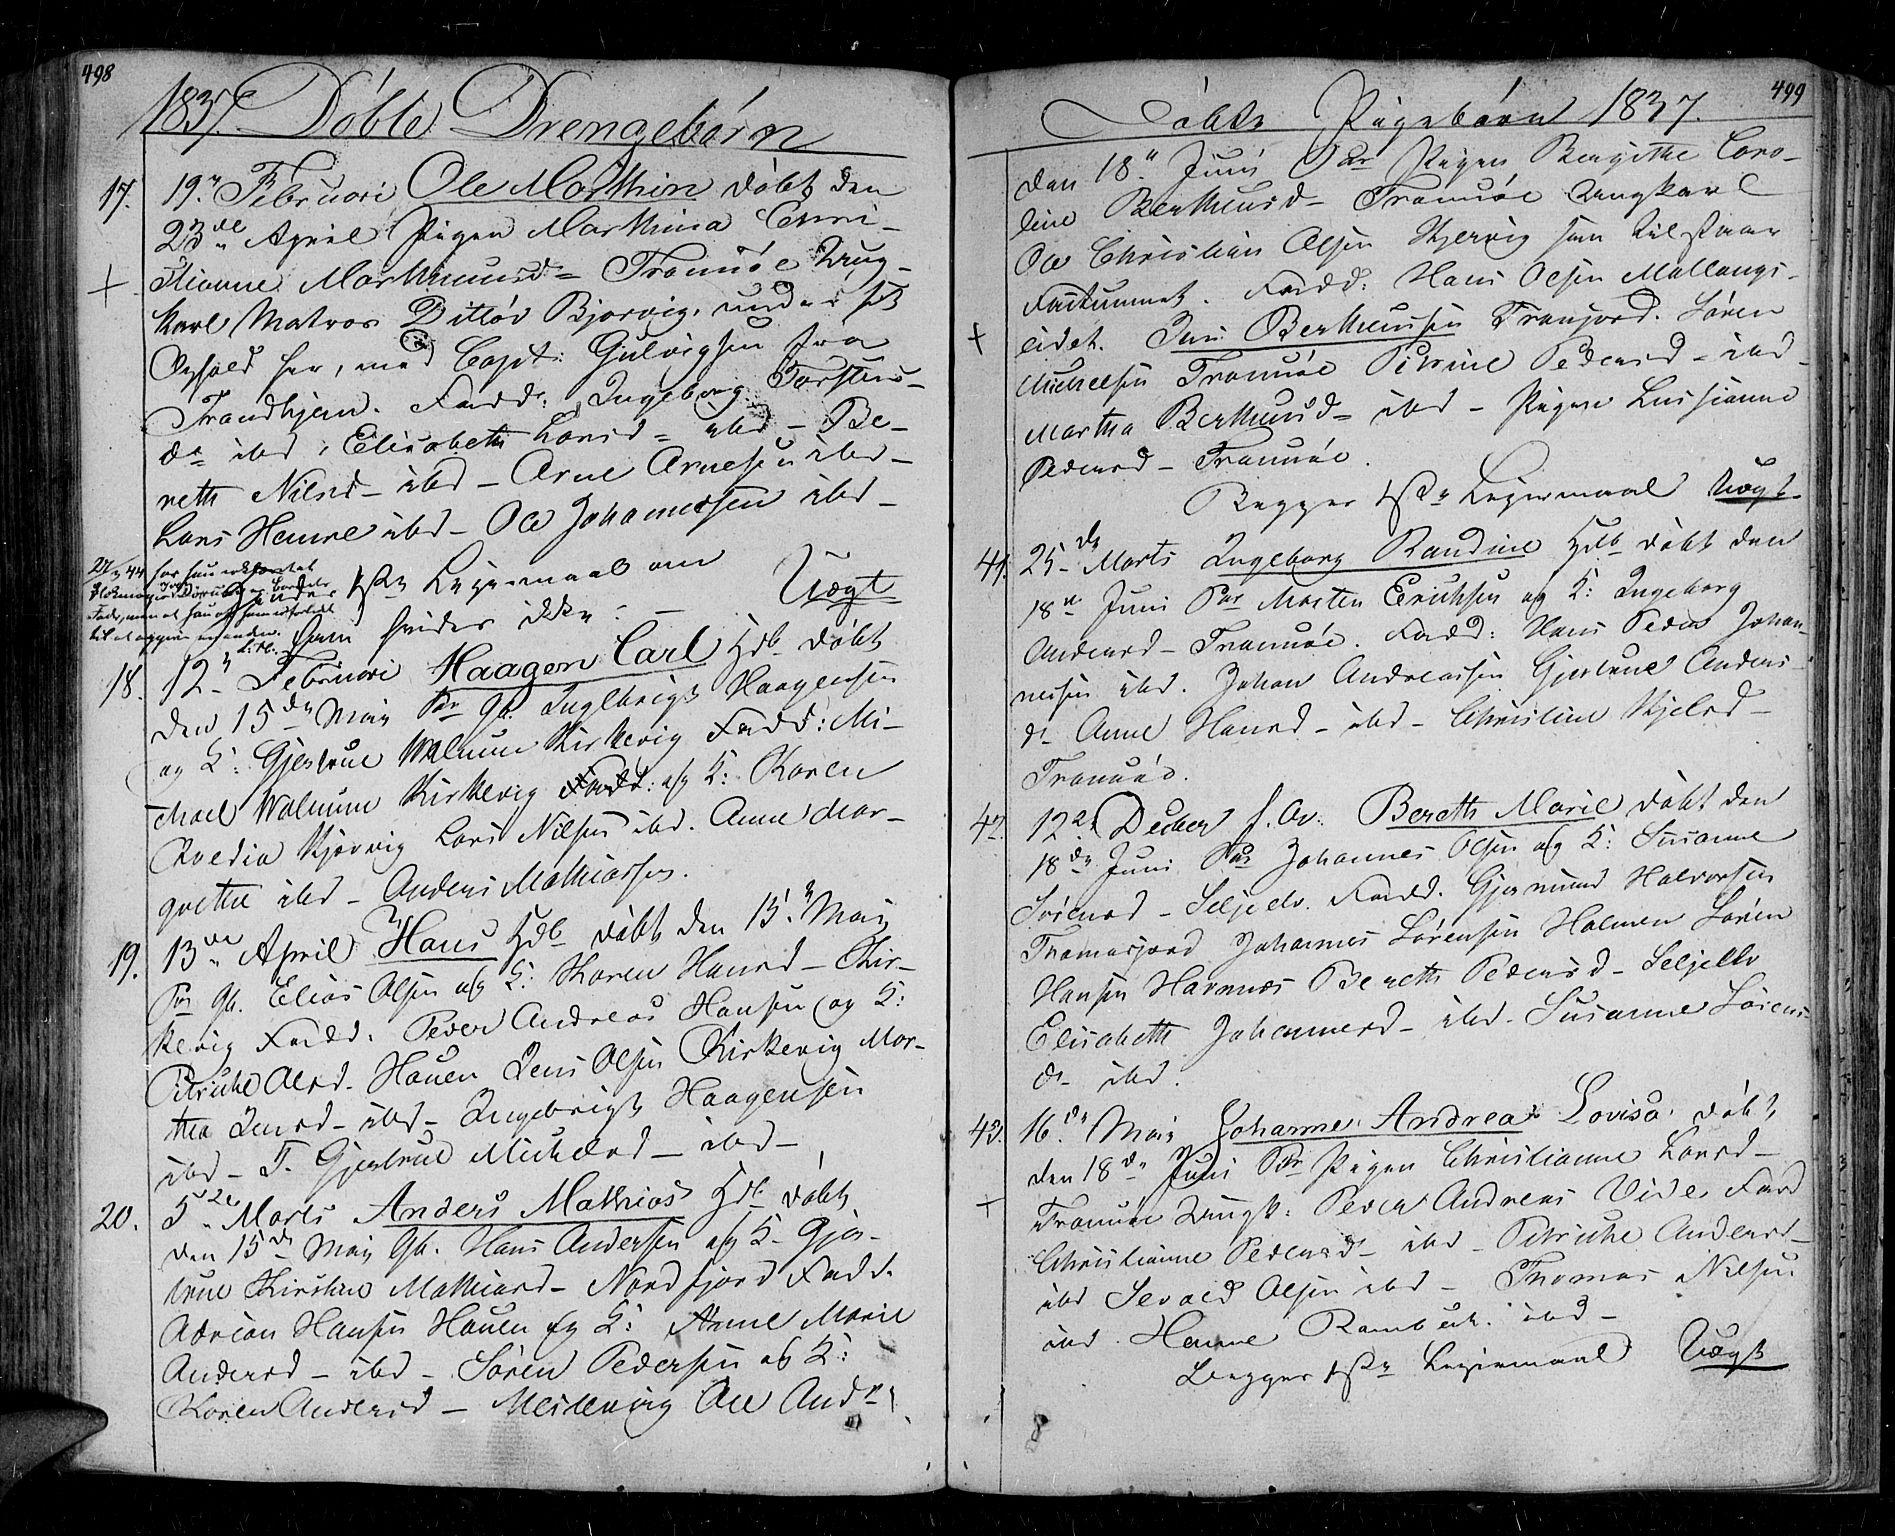 SATØ, Tromsø sokneprestkontor/stiftsprosti/domprosti, G/Ga/L0008kirke: Ministerialbok nr. 8, 1829-1837, s. 498-499